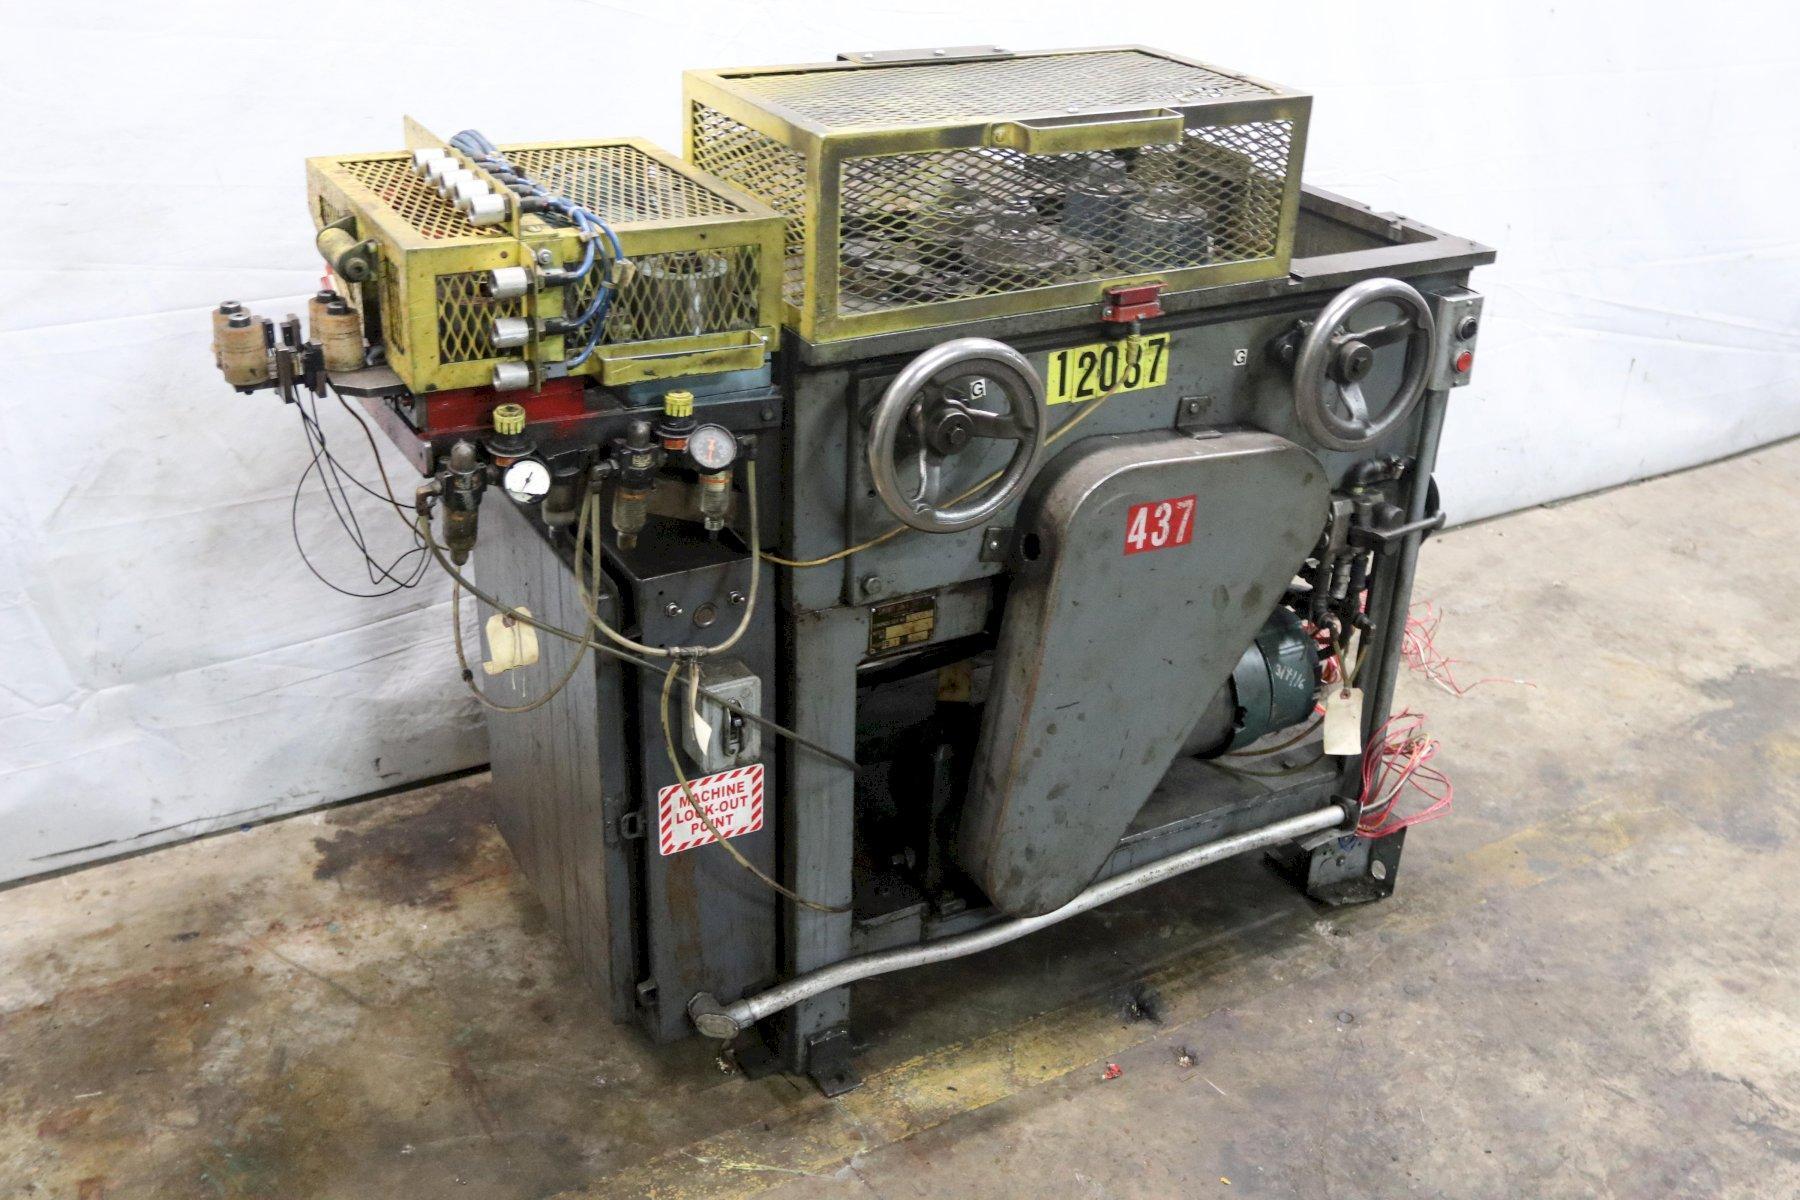 SIMONDS DE-BURR MACHINE: STOCK #11918